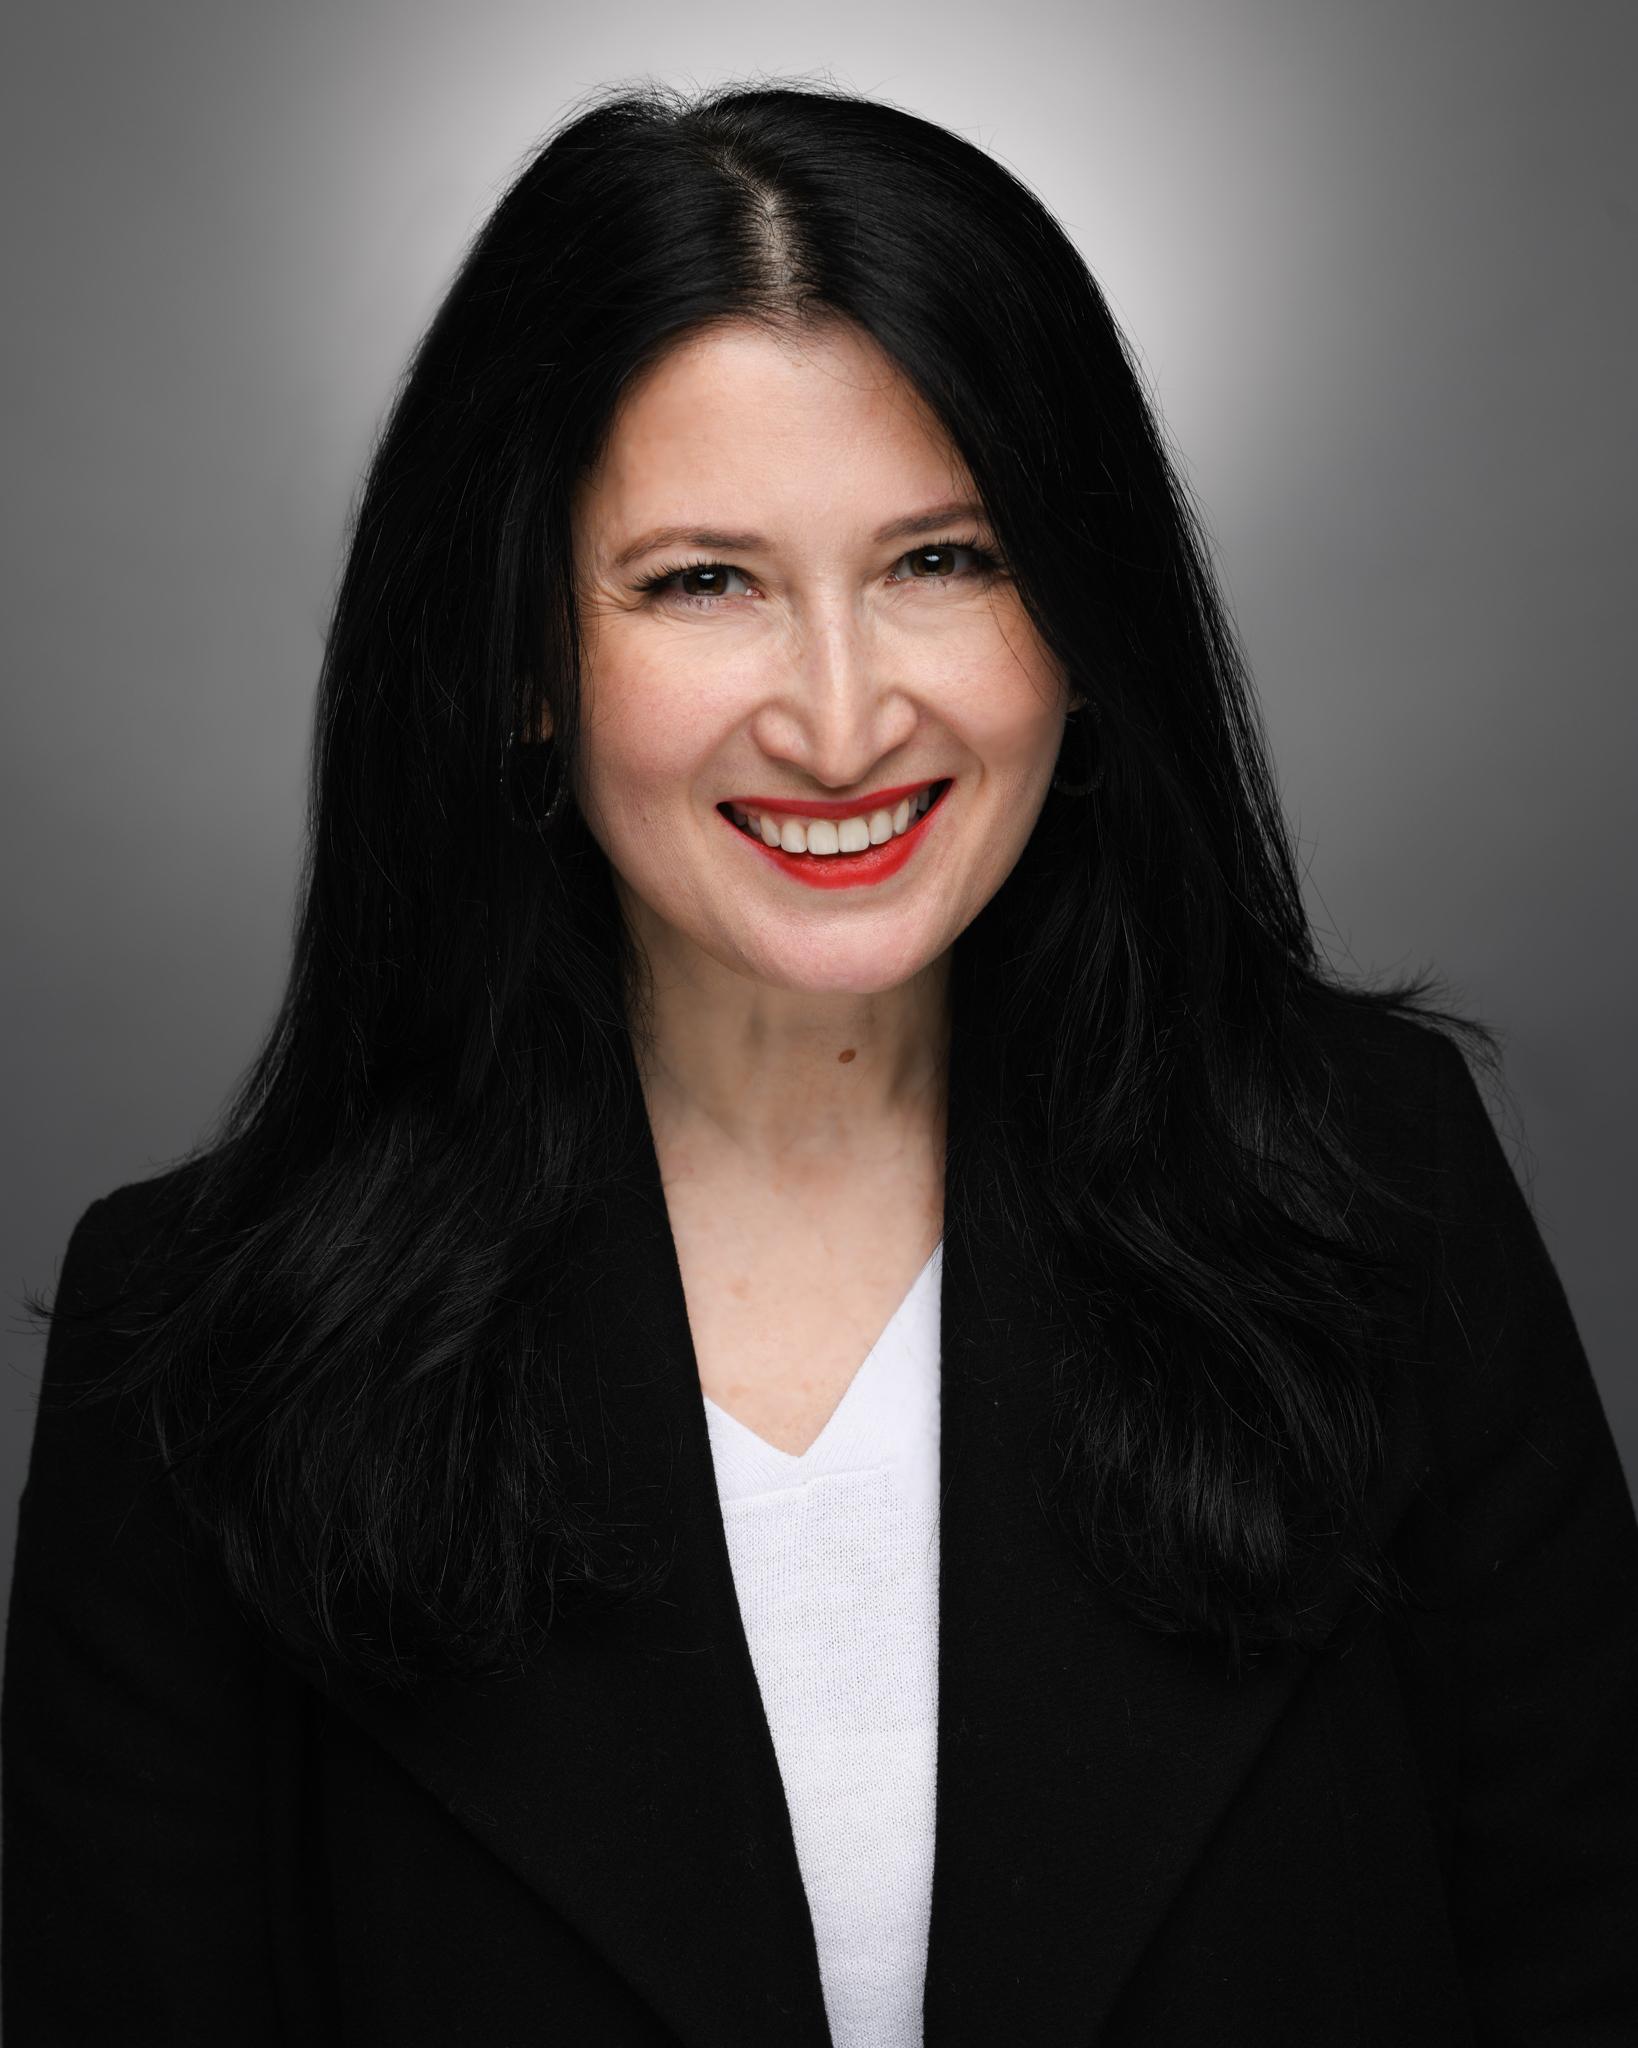 Julia Bayci